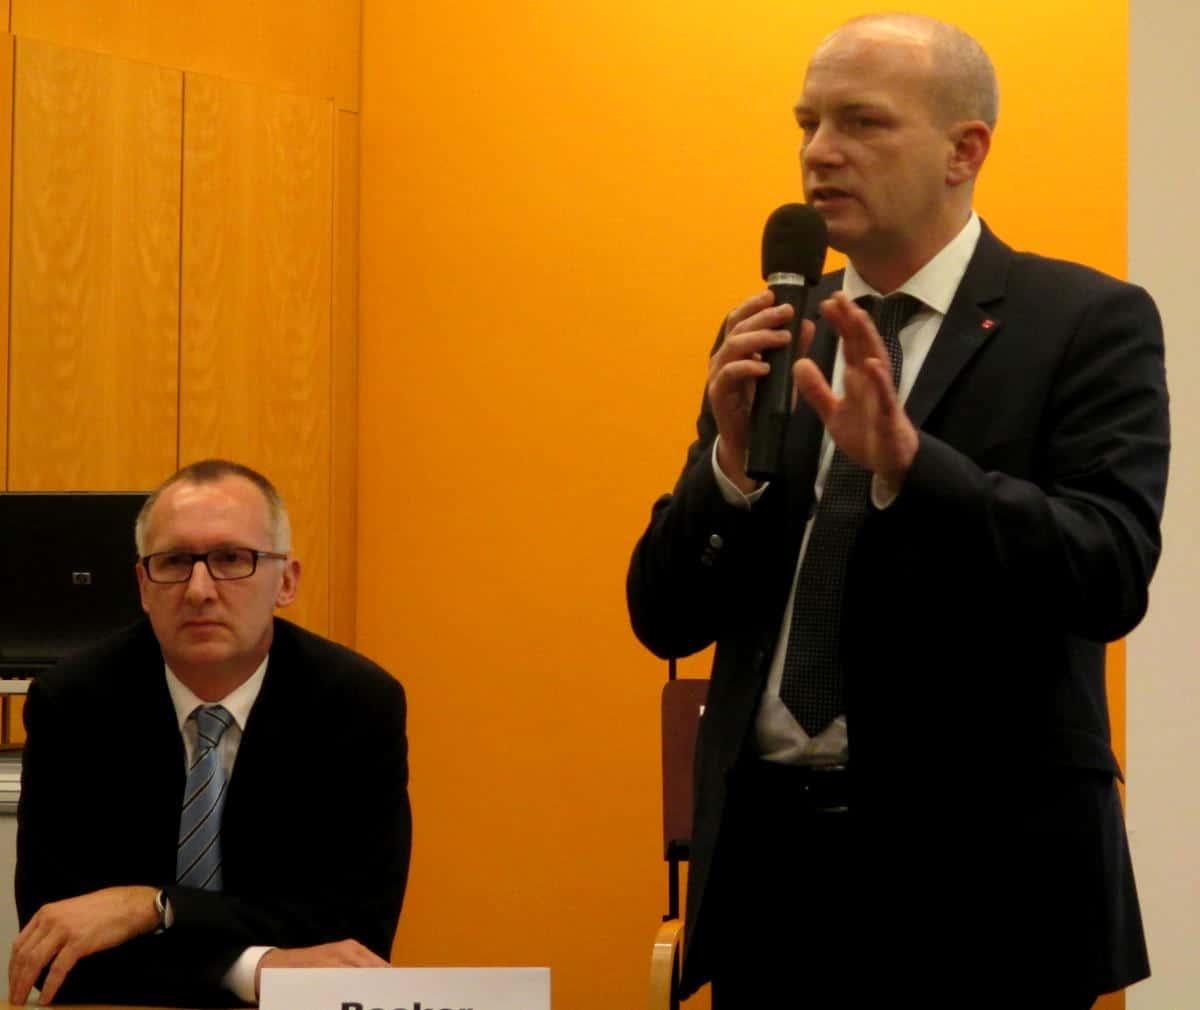 11. Dezember, Vitusstift: Für Stadtbau-Geschäftsführer Joachim Becker gerät die Veranstaltung zum Desaster. Mehgrfach muss OB Wolbergs sich schützend vor ihn stellen.